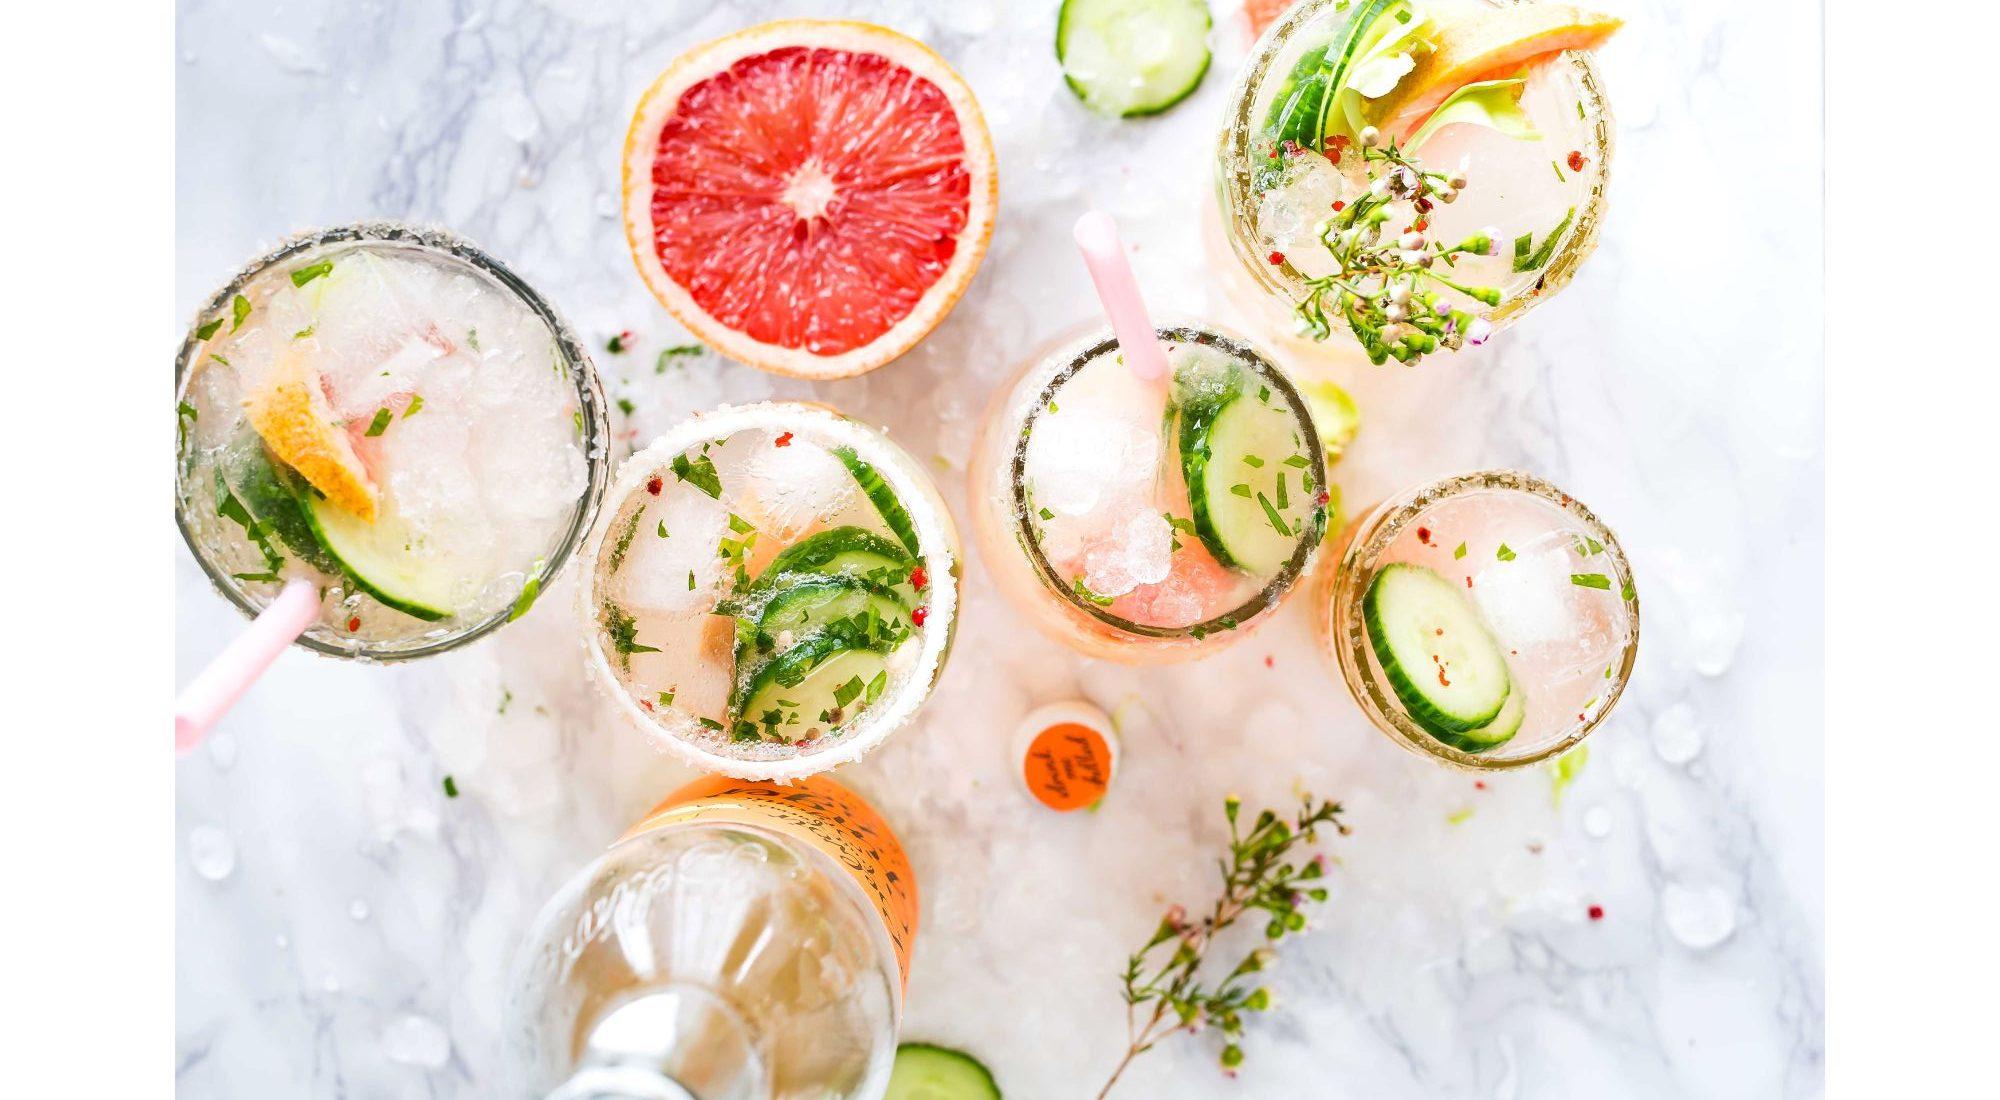 Τα 5 cocktails που αγαπήσαμε περισσότερο αυτό το καλοκαίρι (και θα συνεχίσουμε να απολαμβάνουμε και το φθινόπωρο) Κανείς μας δε λέει όχι σε ένα δροσιστικό cocktail και ειδικά όταν δε μπορούμε να συνειδητοποιήσουμε πως το καλοκαίρι σθγά- σιγά αρχίζει και απομακρύνεται. Γι' αυτό συγκεντρώσαμε τα 5 πιο αγαπημένα μας cocktails που μπορούν να σε δροσίσουν ακόμη και τις πρώτες μέρεςς του φθινοπώρου.